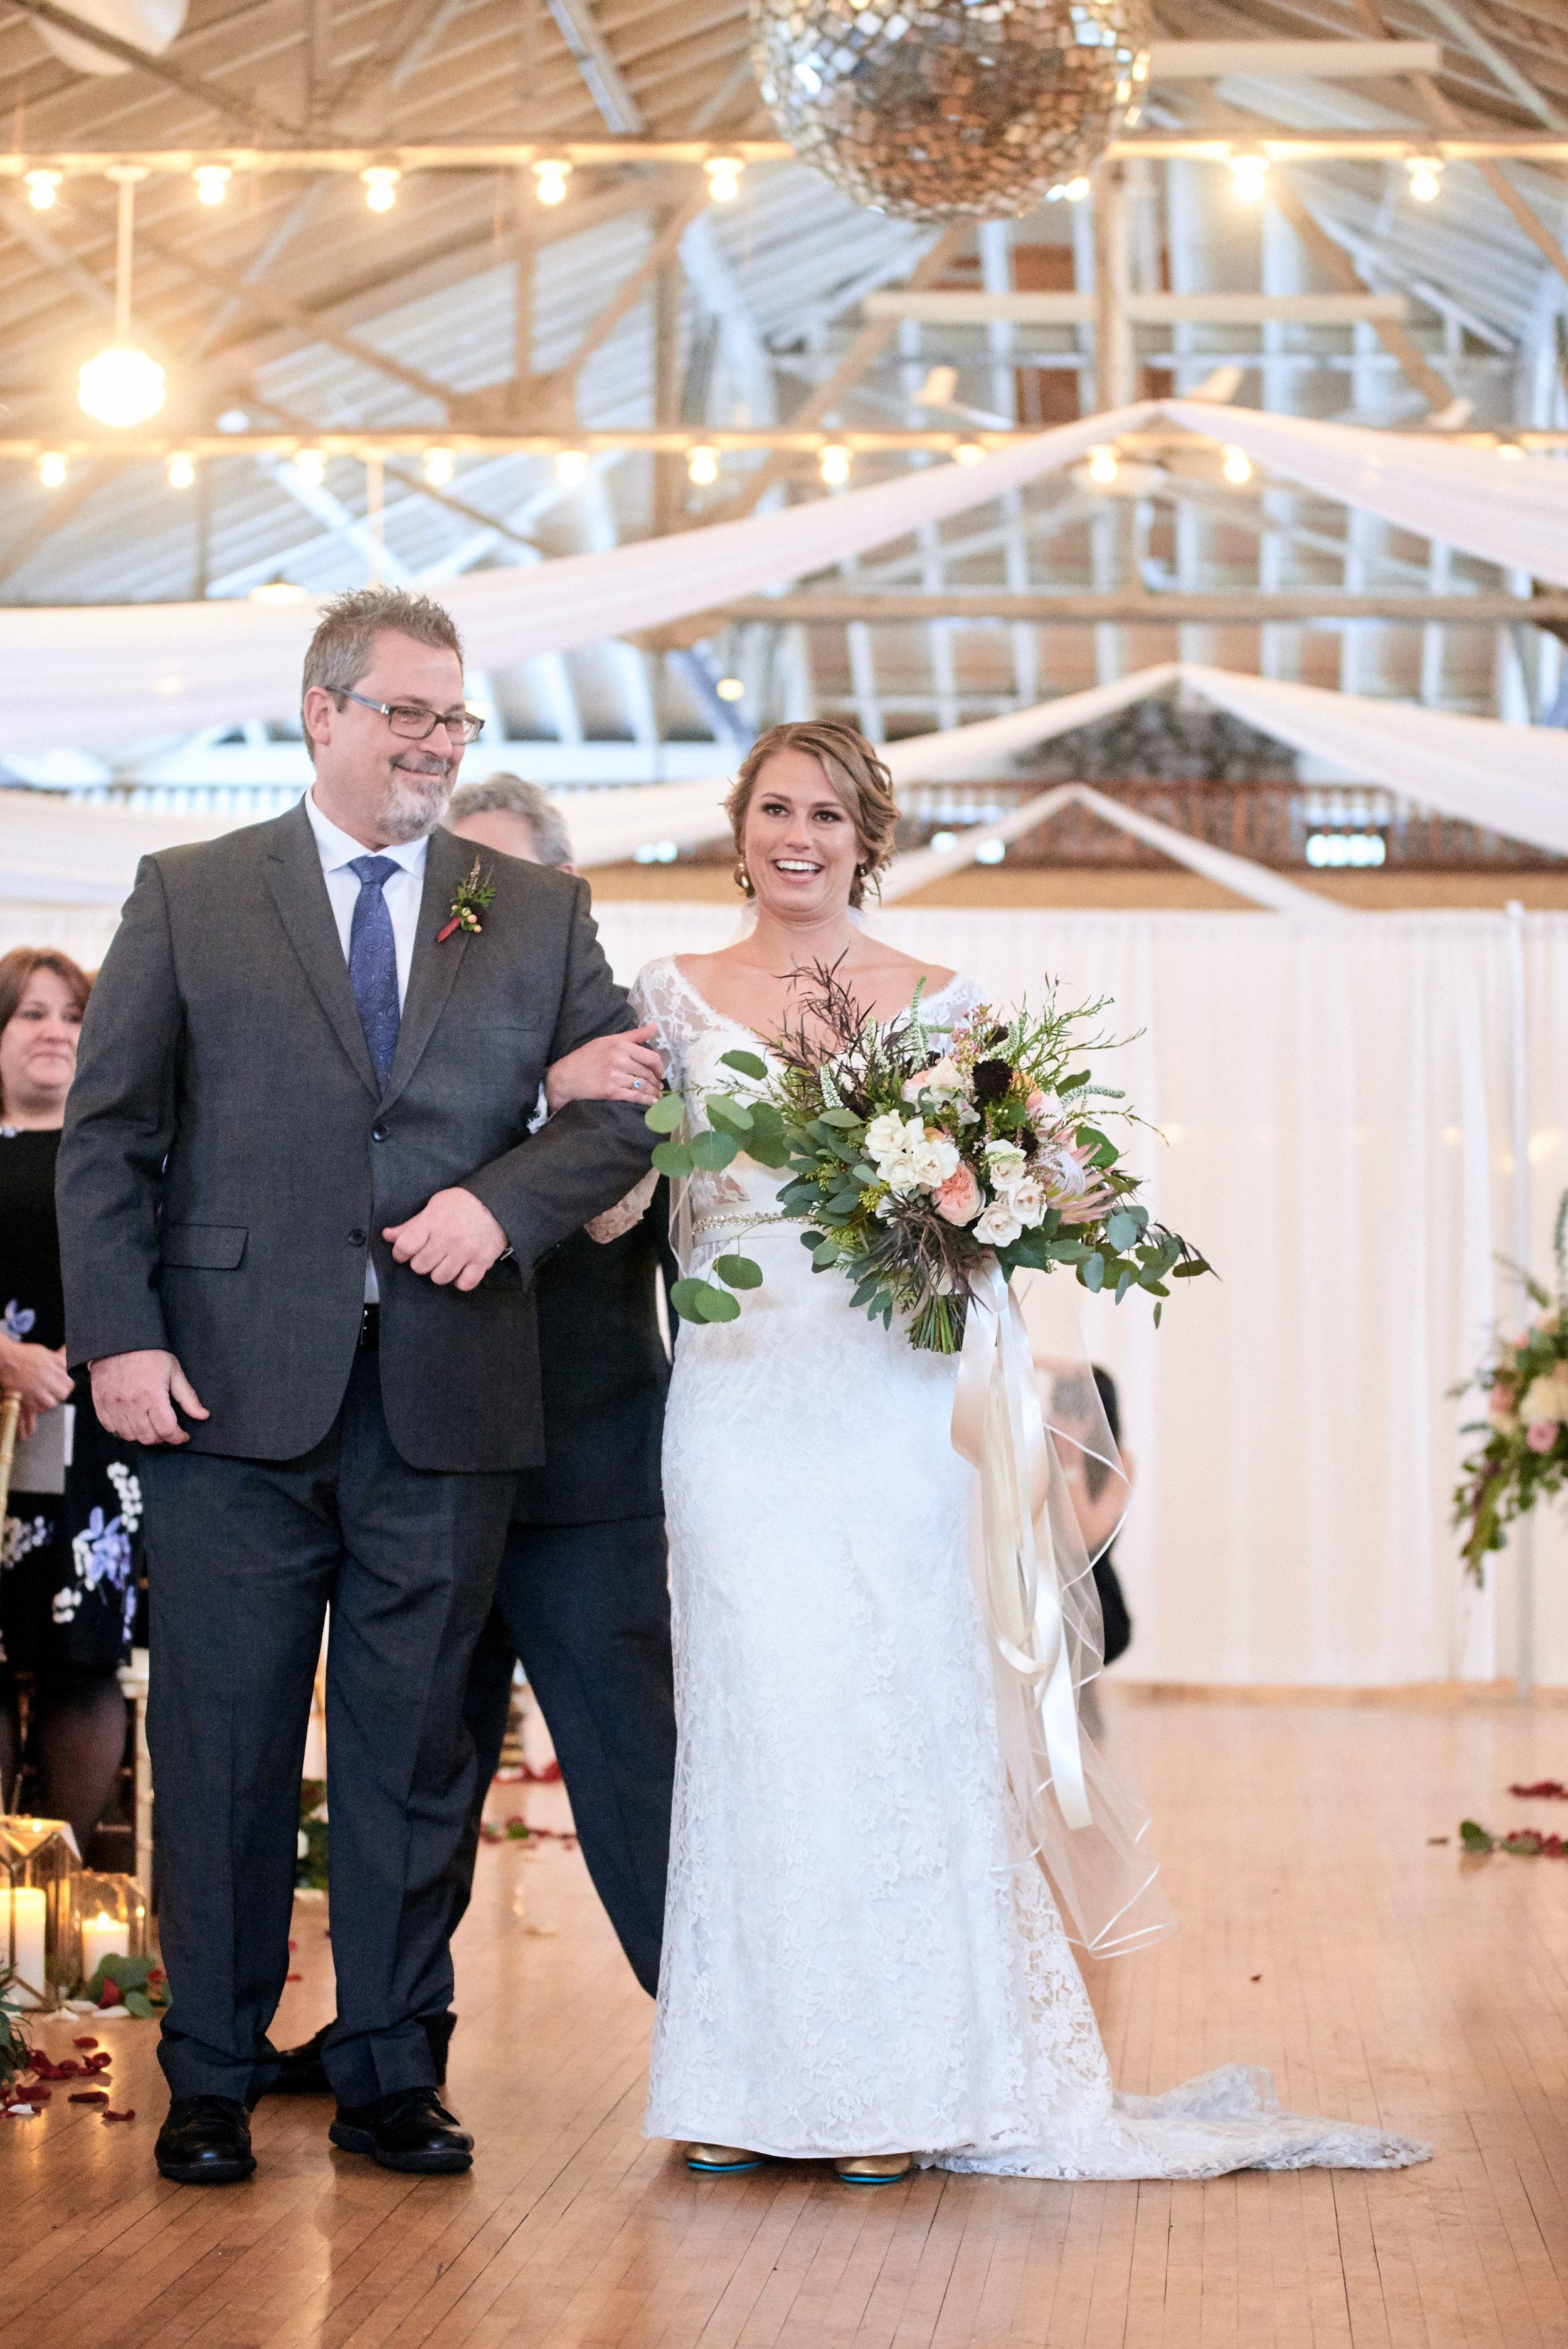 398-rothschild-pavilion-winter-wedding.jpg